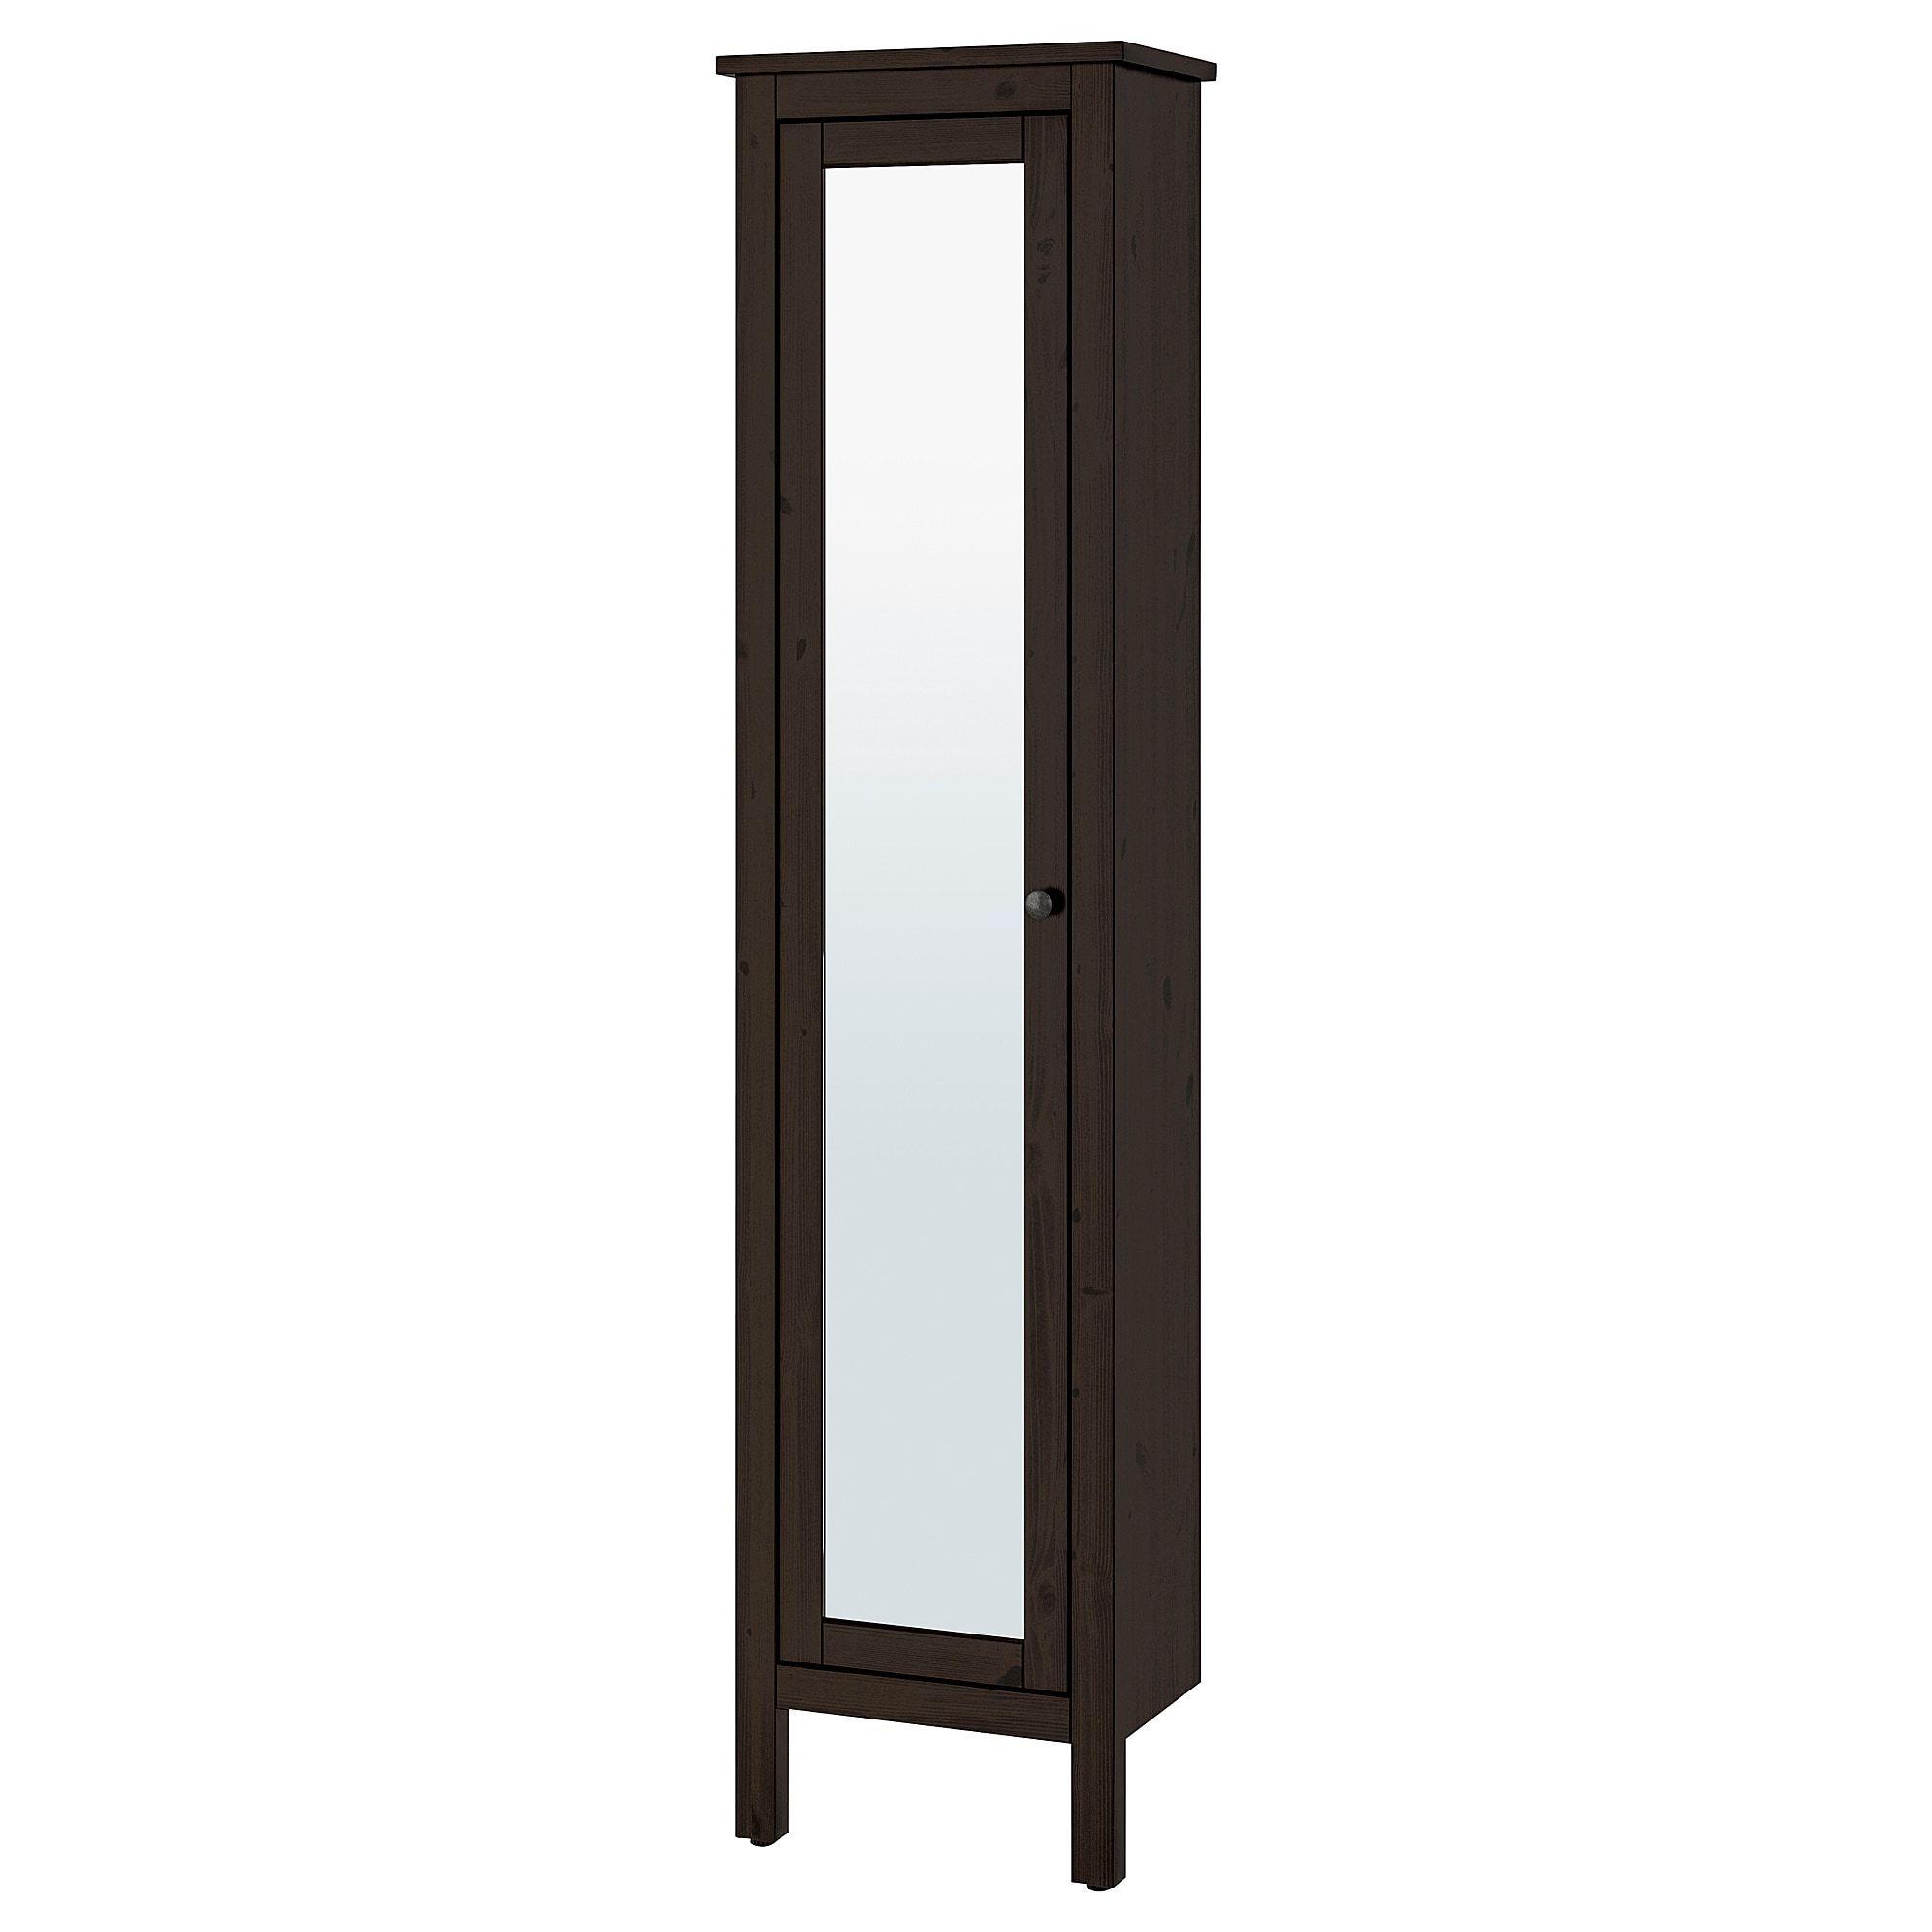 Hemnes Armoire Haute A Porte Miroir Brun Noir 19 1 4x12 1 4x78 3 4 49x31x200 Cm Avec Images Porte Miroir